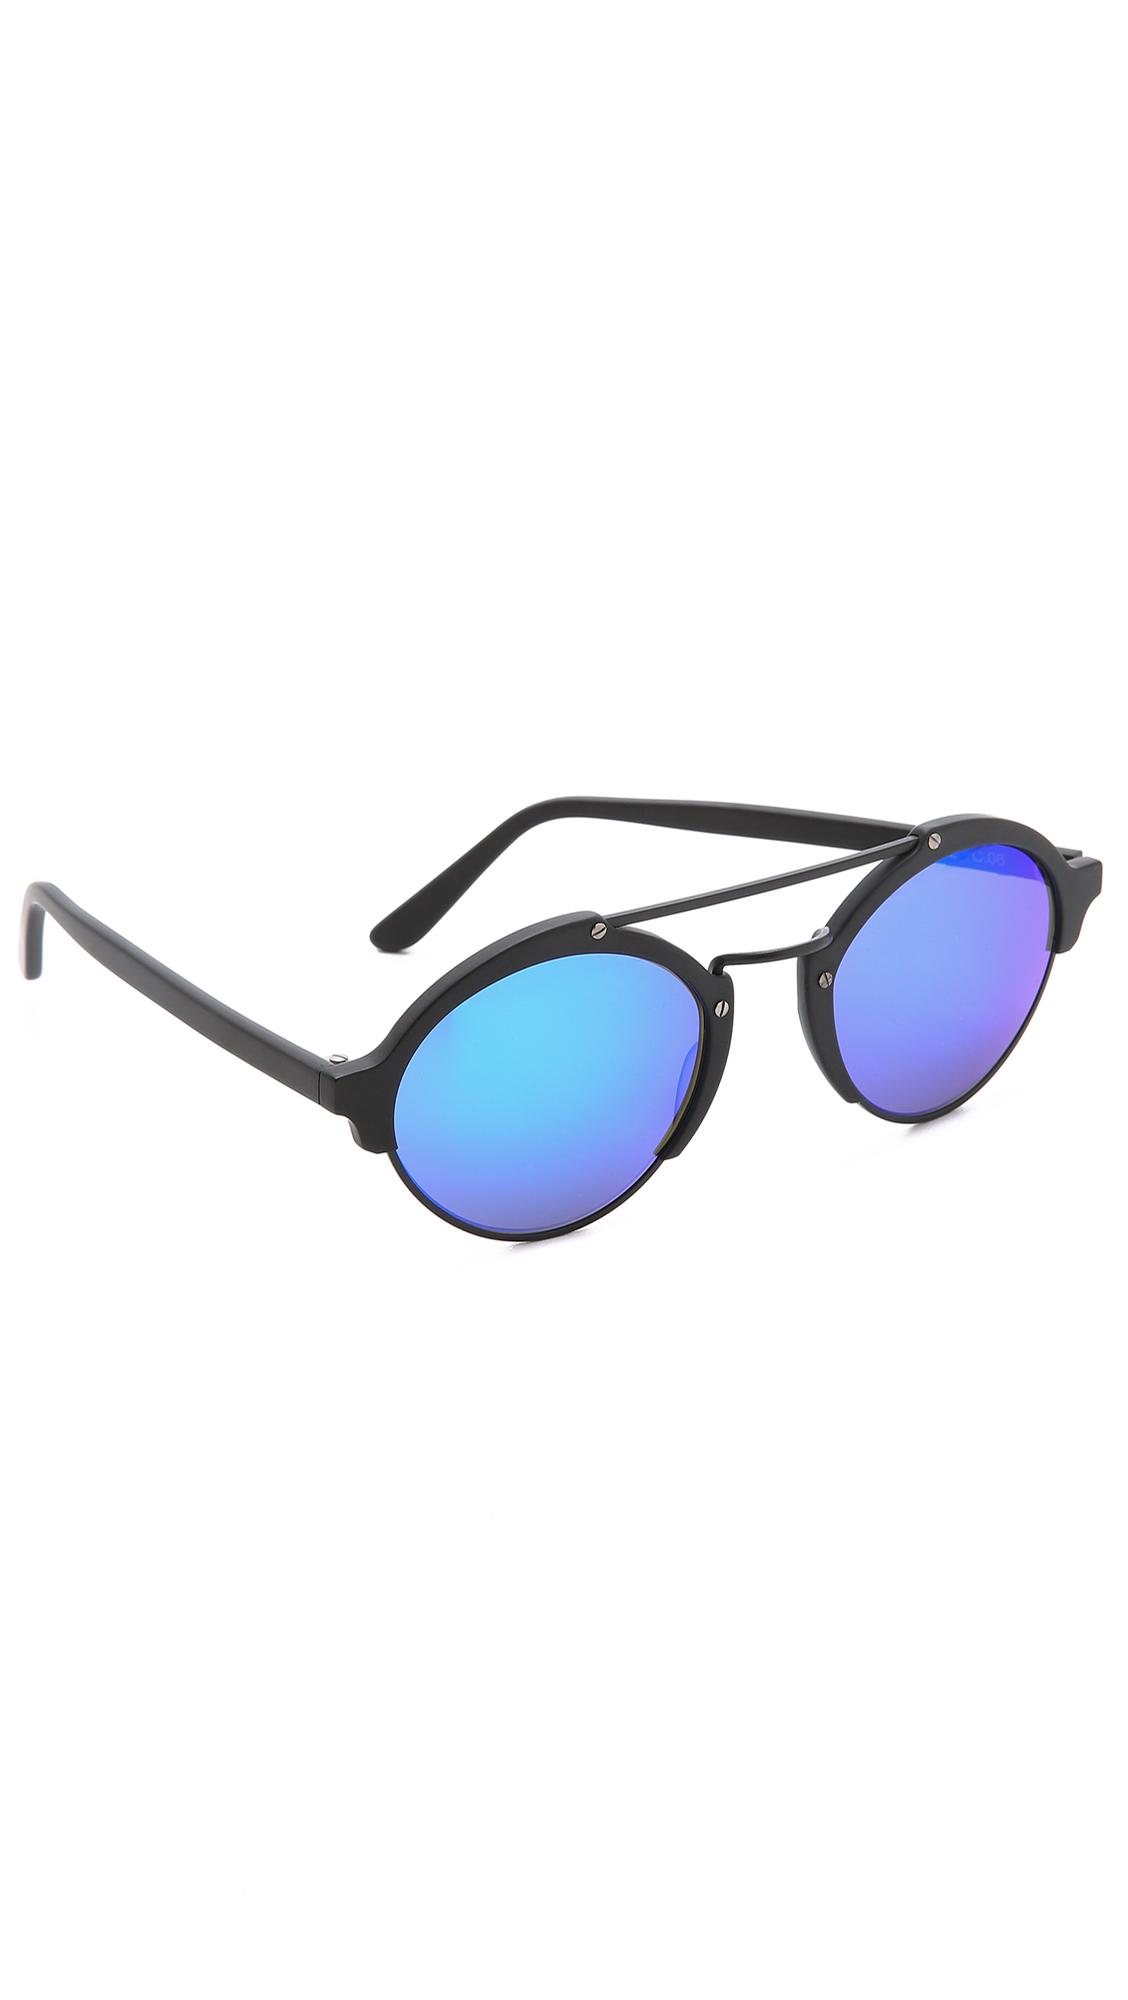 ec40287dc4a Illesteva Milan II Sunglasses